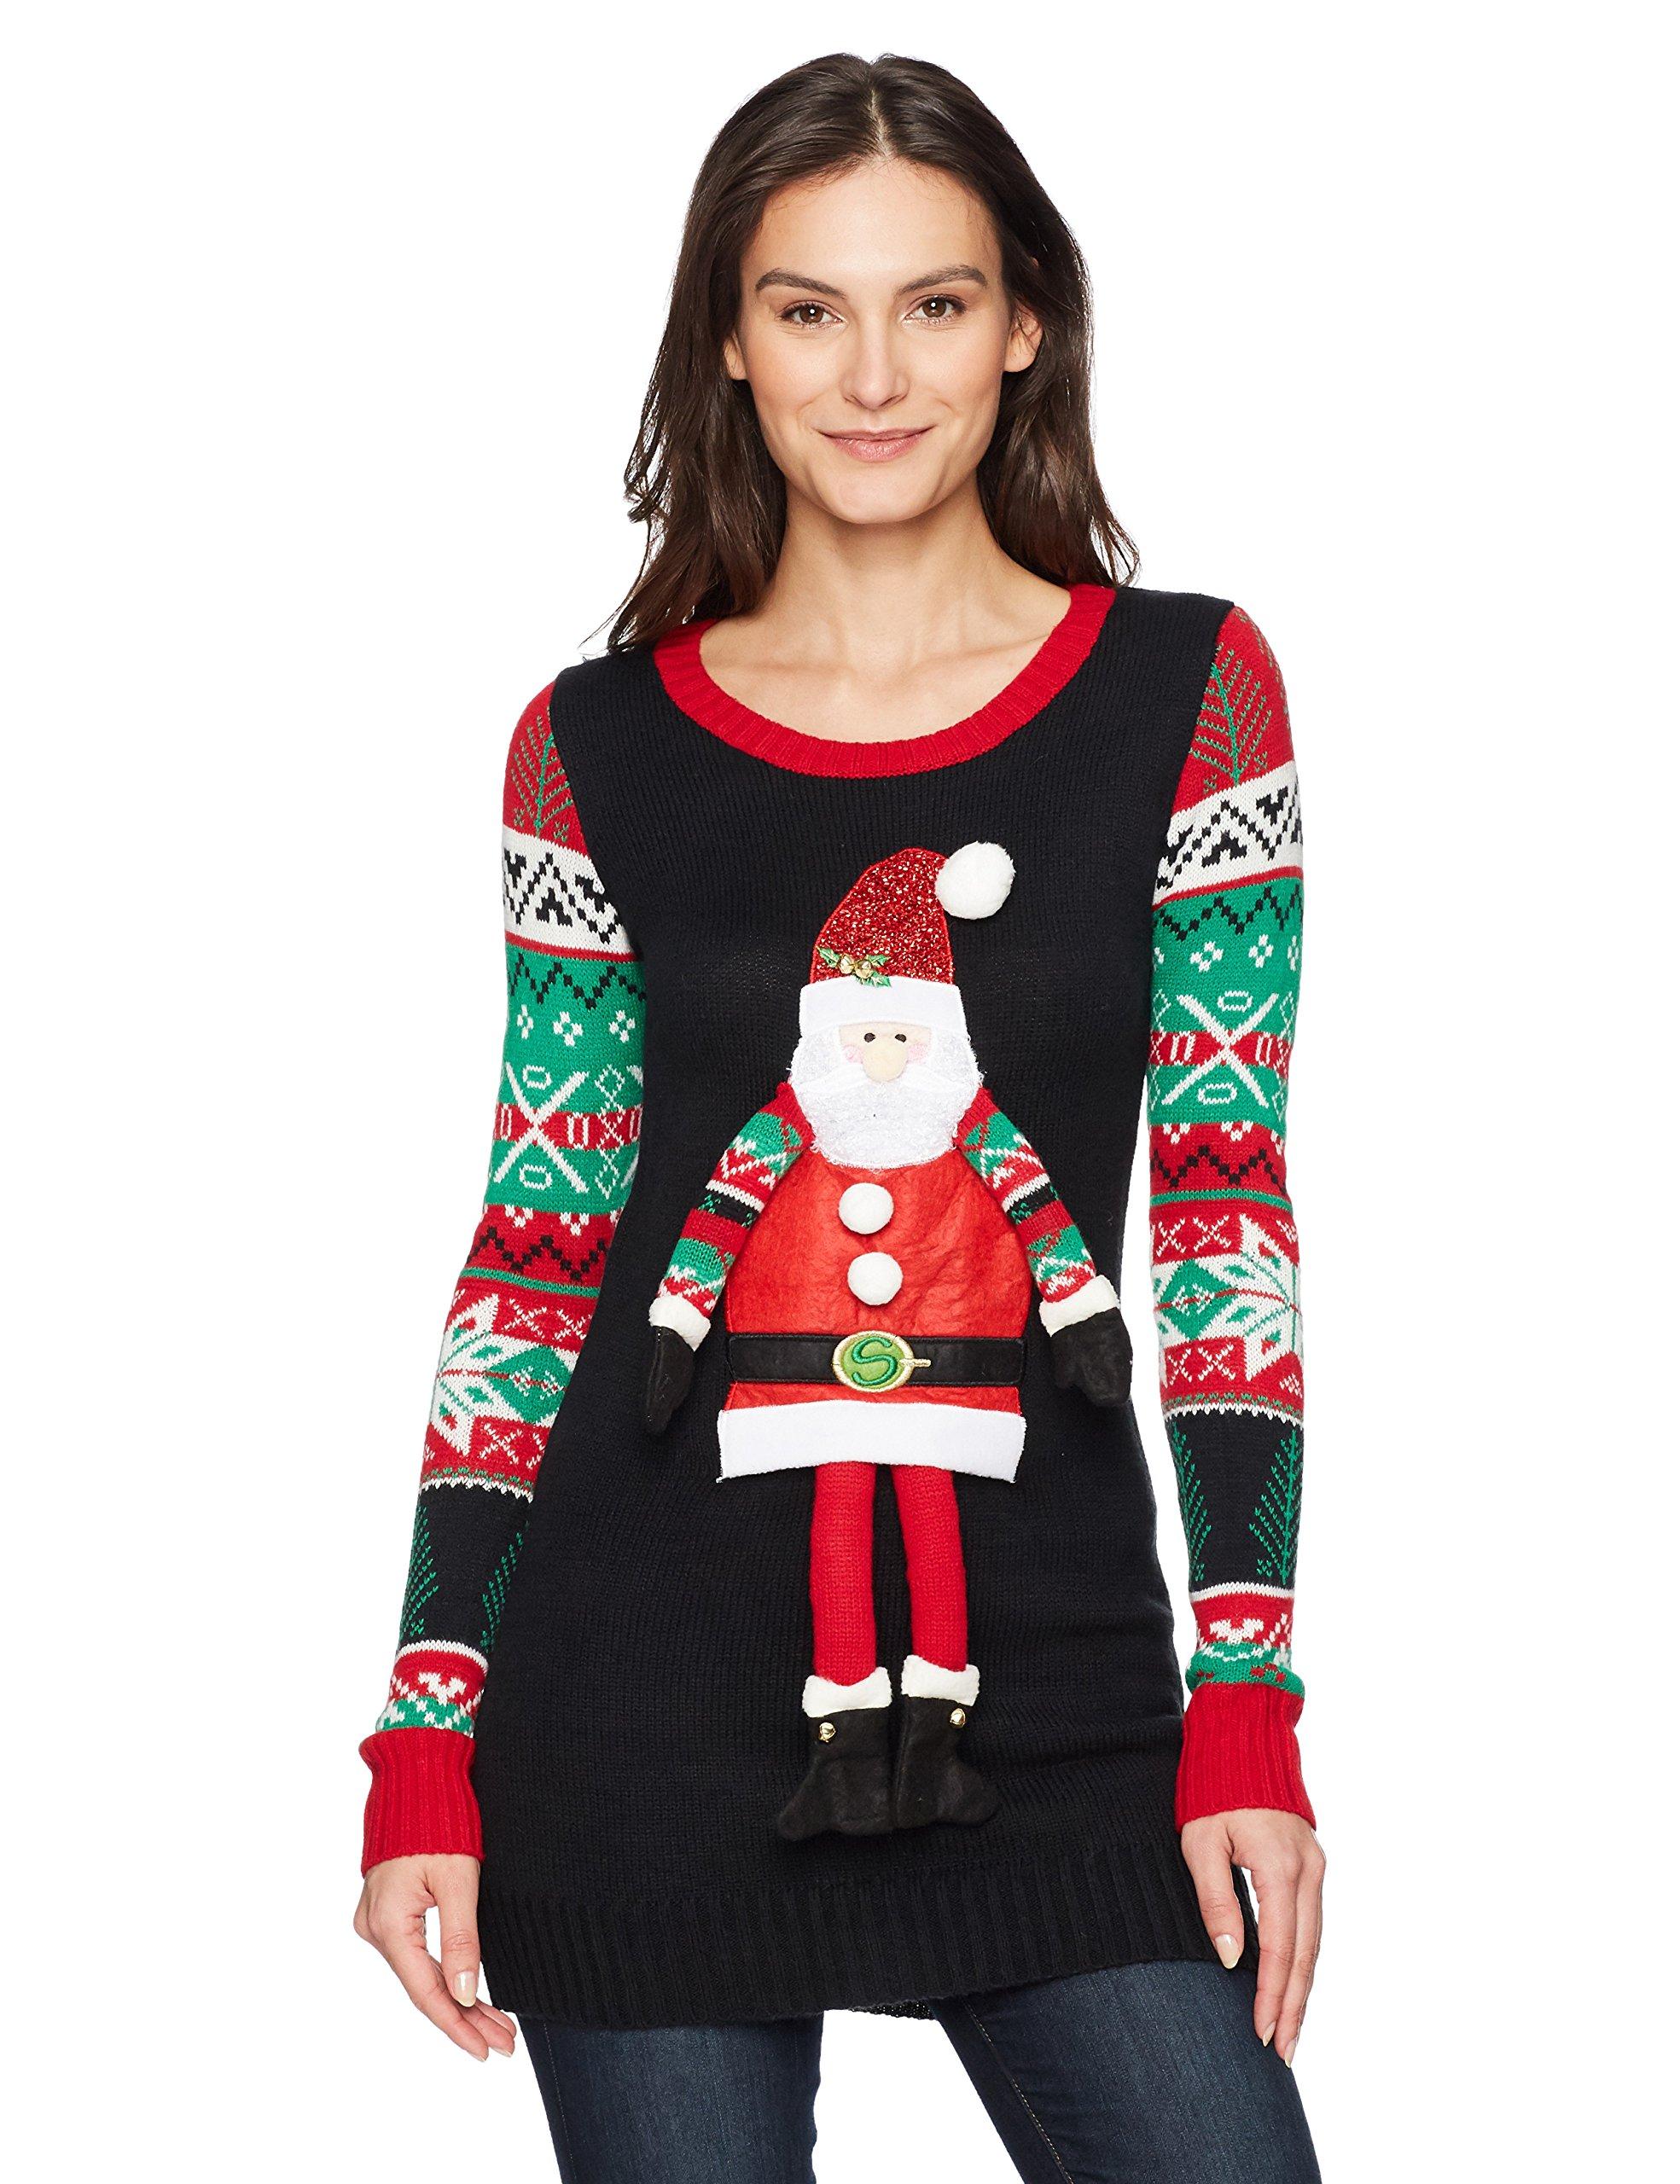 Blizzard Bay Women's L/s Christmas Tunic W/Dangling Santa, Black, M